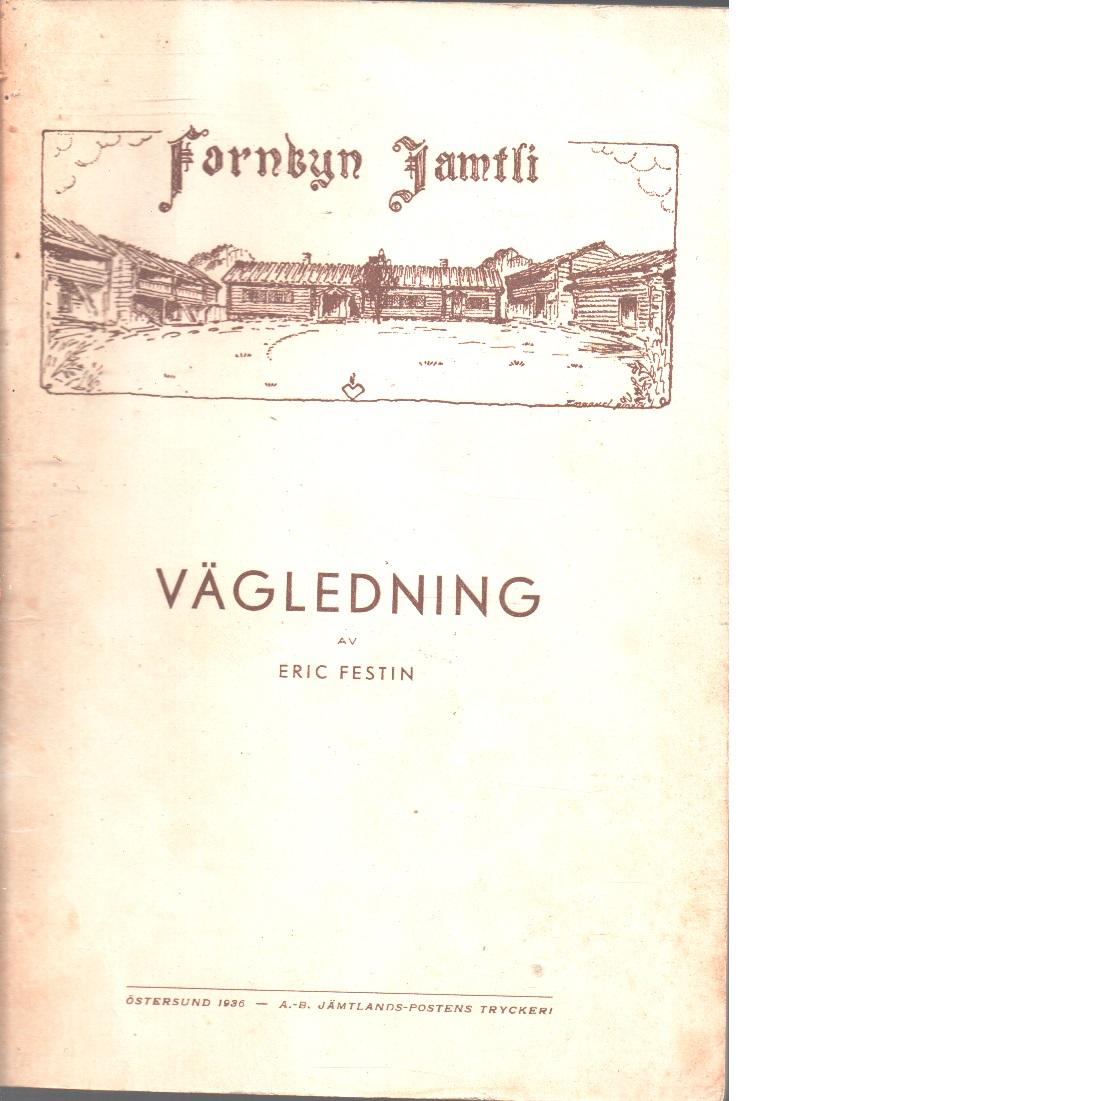 Fornbyn jamtli : heimbygdas friluftsmuseum vid Östersund : vägledning - Festin, Eric,